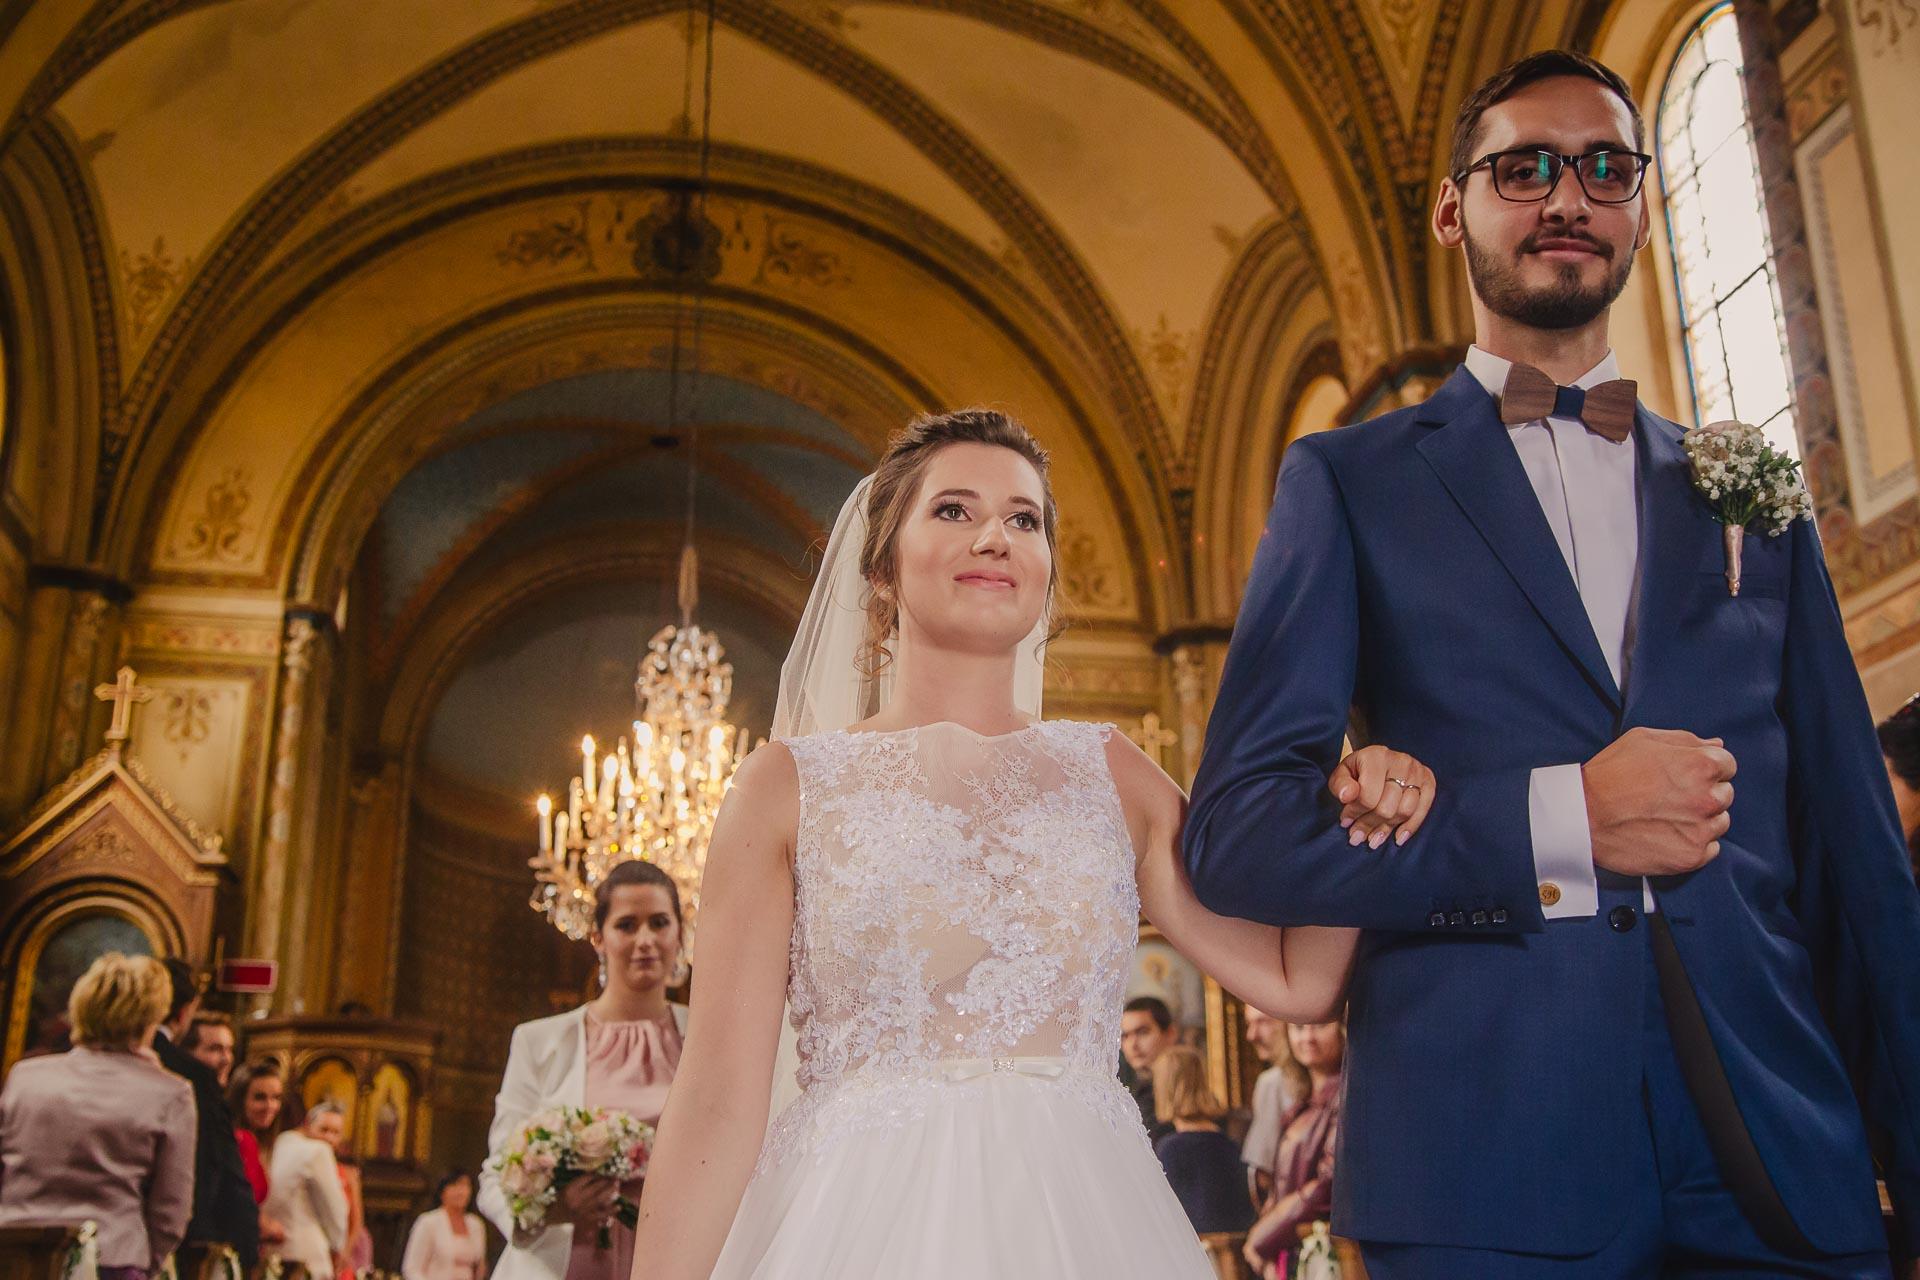 svatební fotograf Praha,svatba střední čechy, církevní obřad, svatba v kostele, nejhezčí svatební fotografie-2424